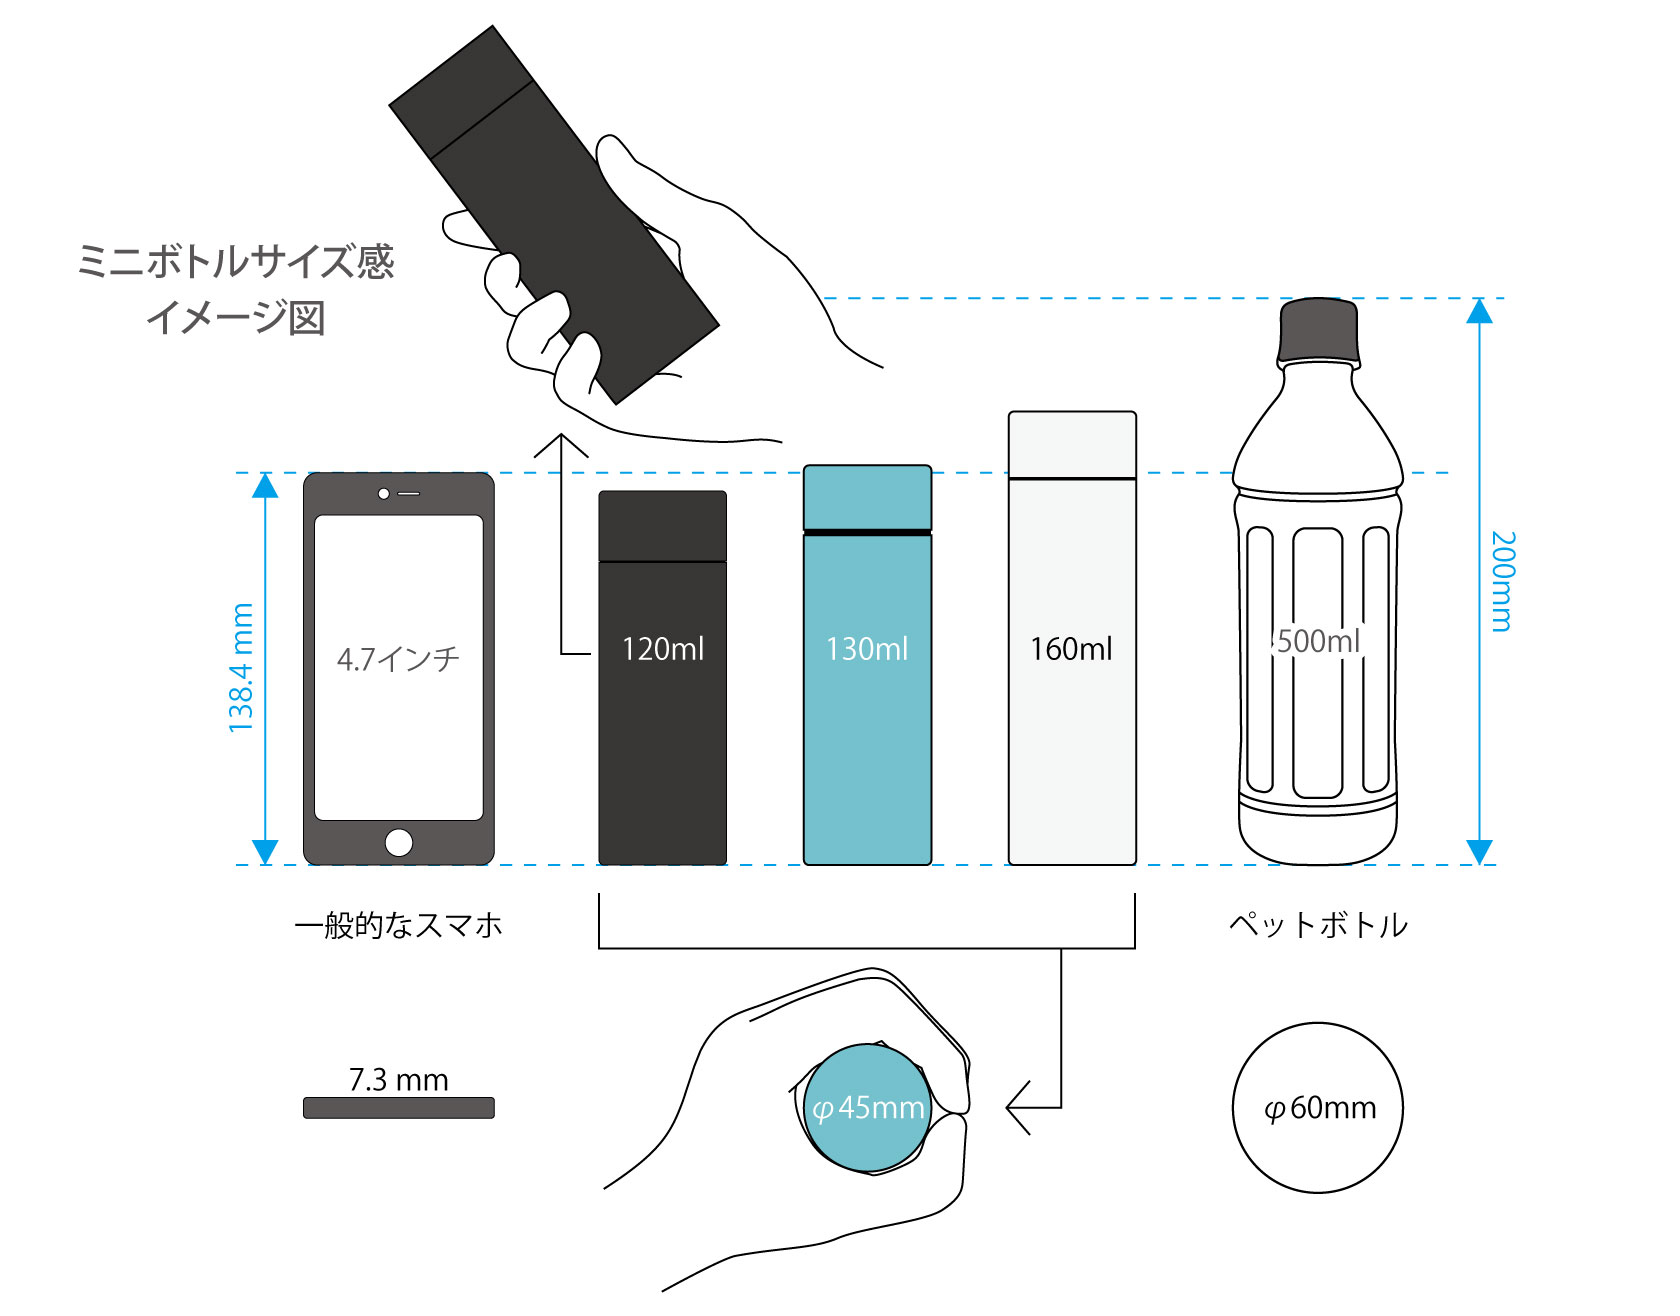 ミニボトルサイズ感イメージ図